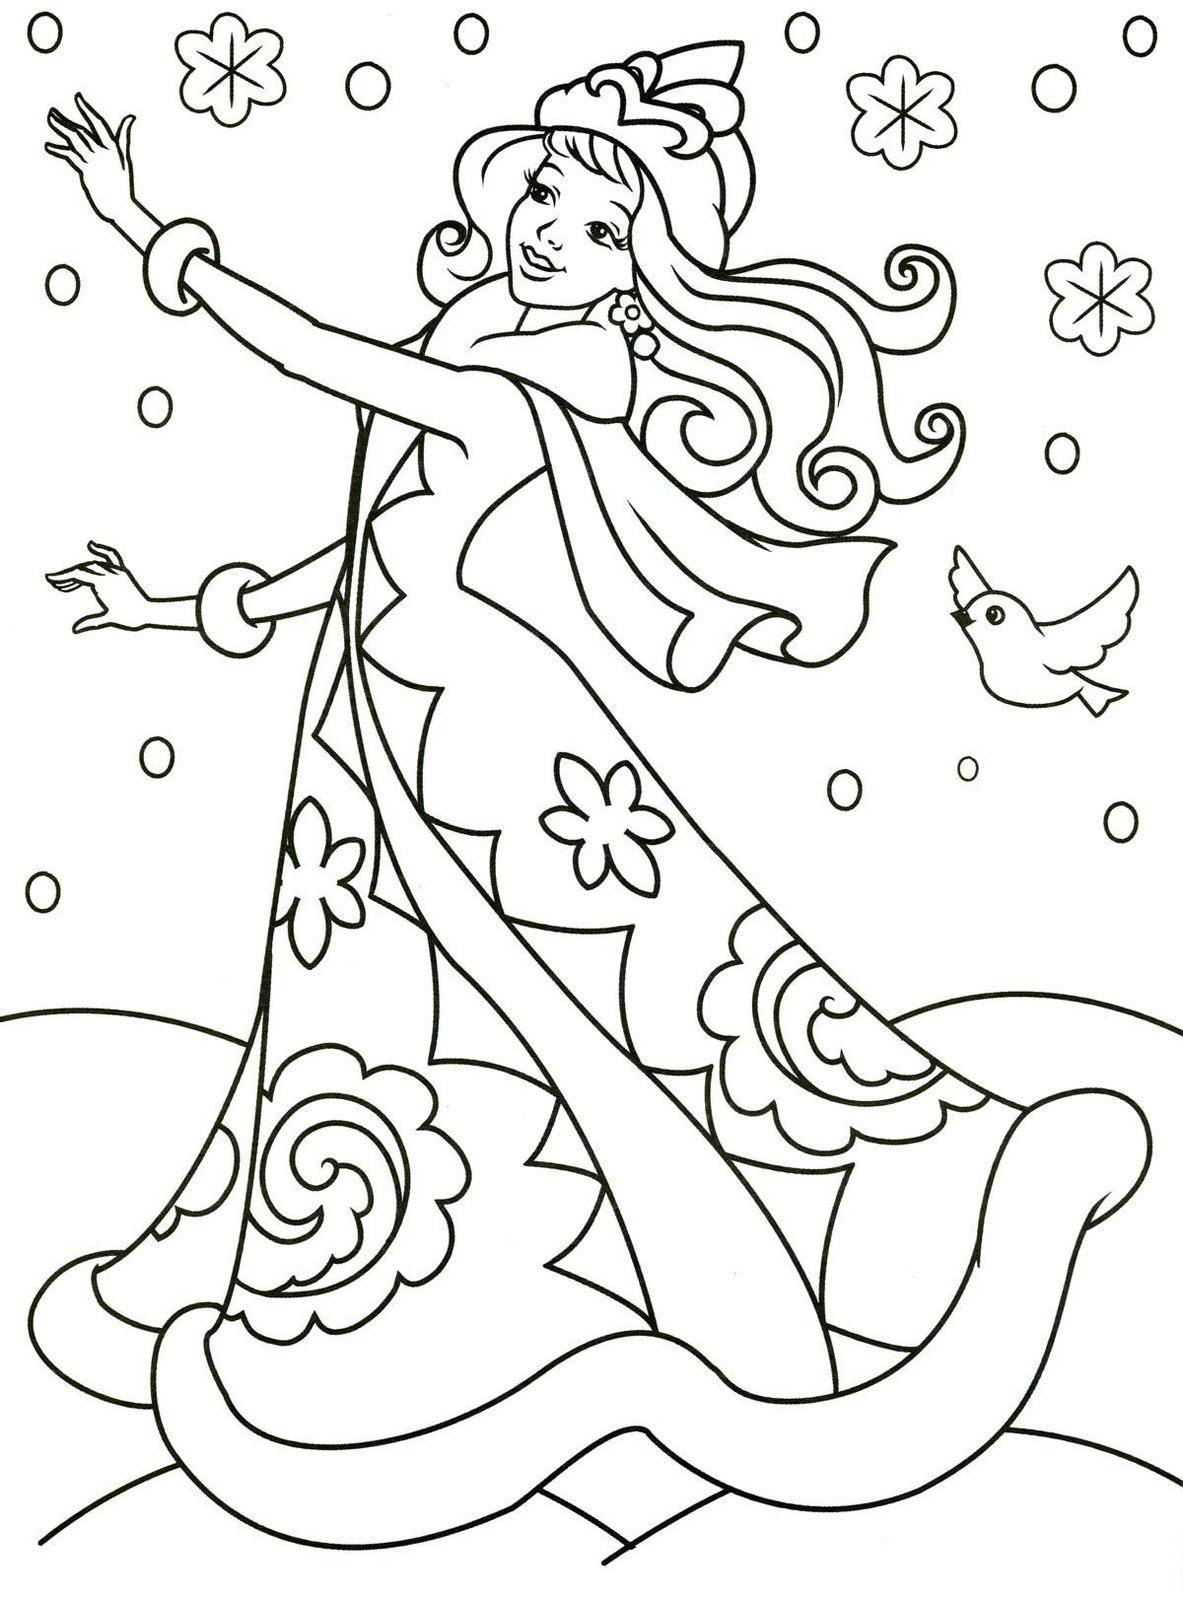 Раскраски Снегурочка для детей - распечатать бесплатно